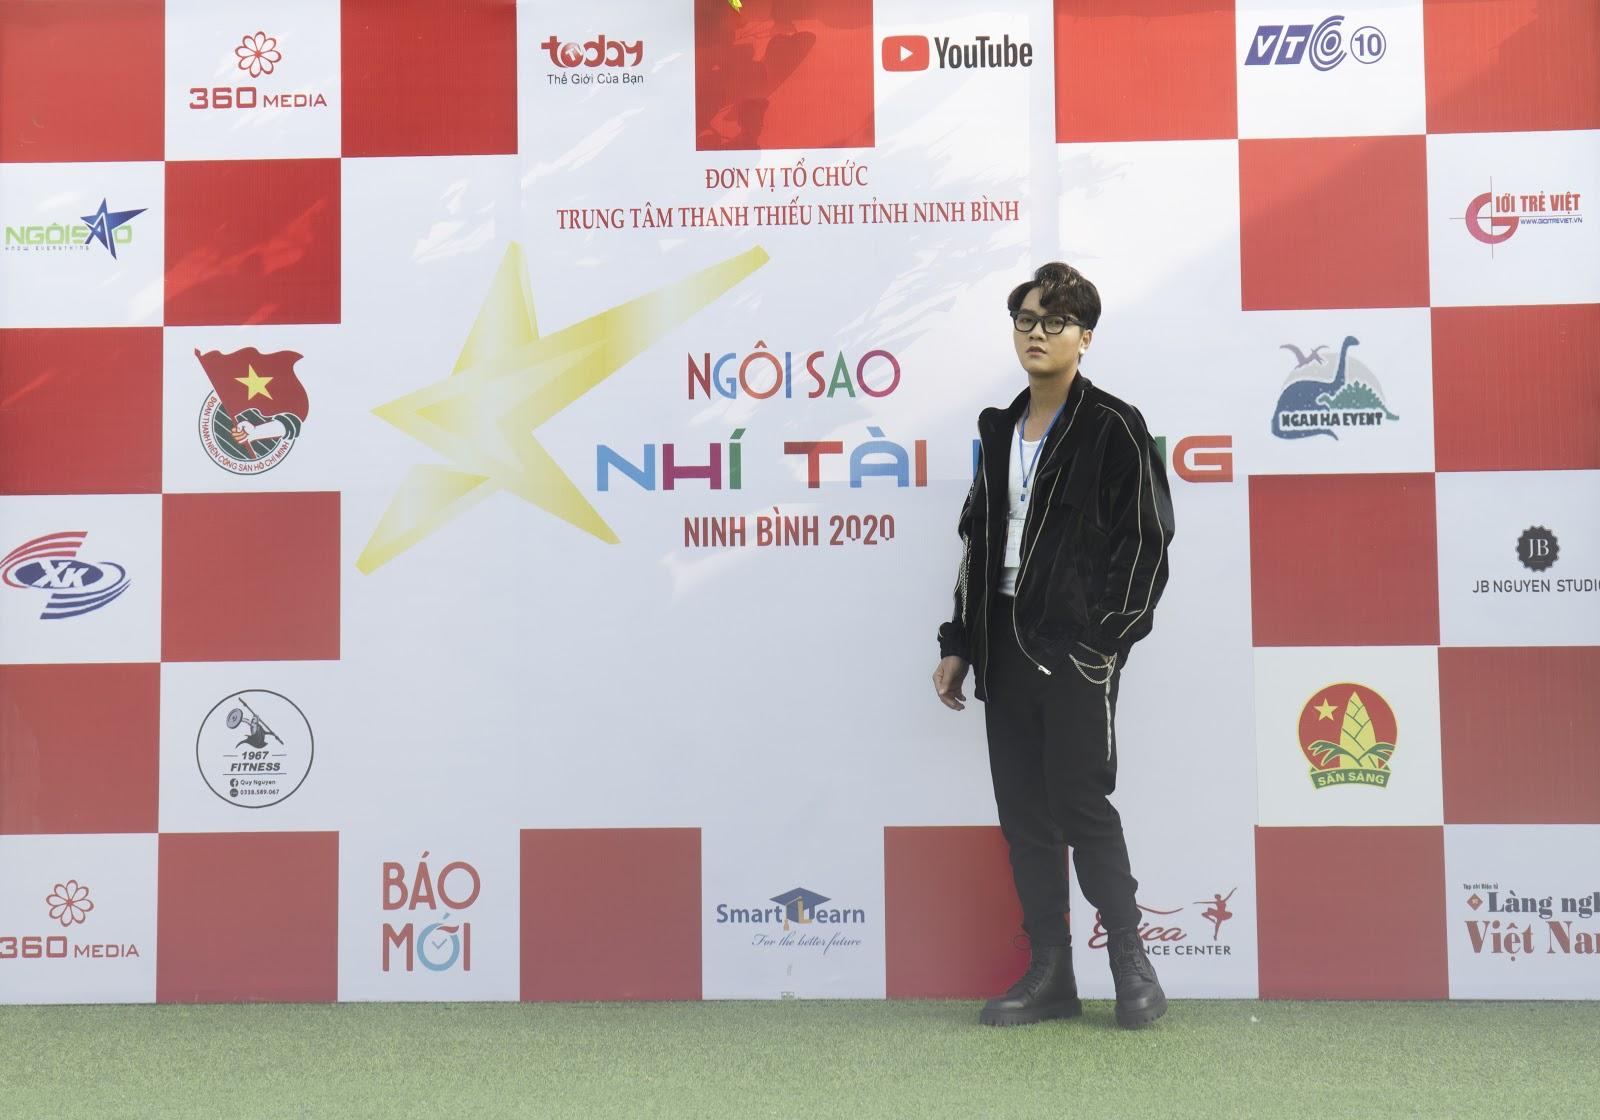 Ca nhạc sĩ An Nam đảm nhận vai trò mới ban huấn luyện của cuộc thi Ngôi Sao Nhí Tài Năng Ninh Bình 2020